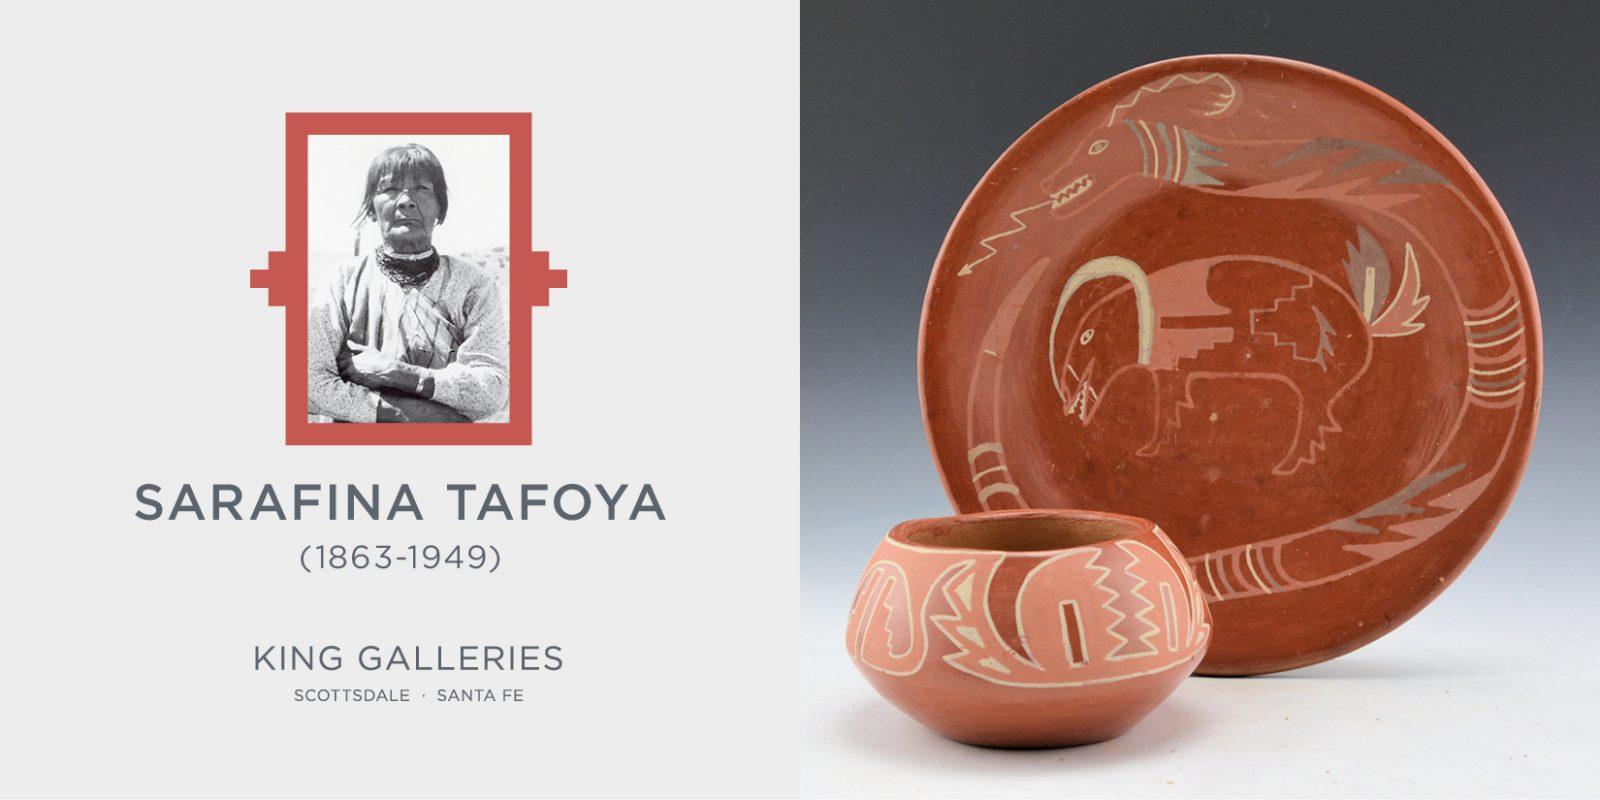 Sarafina Tafoya